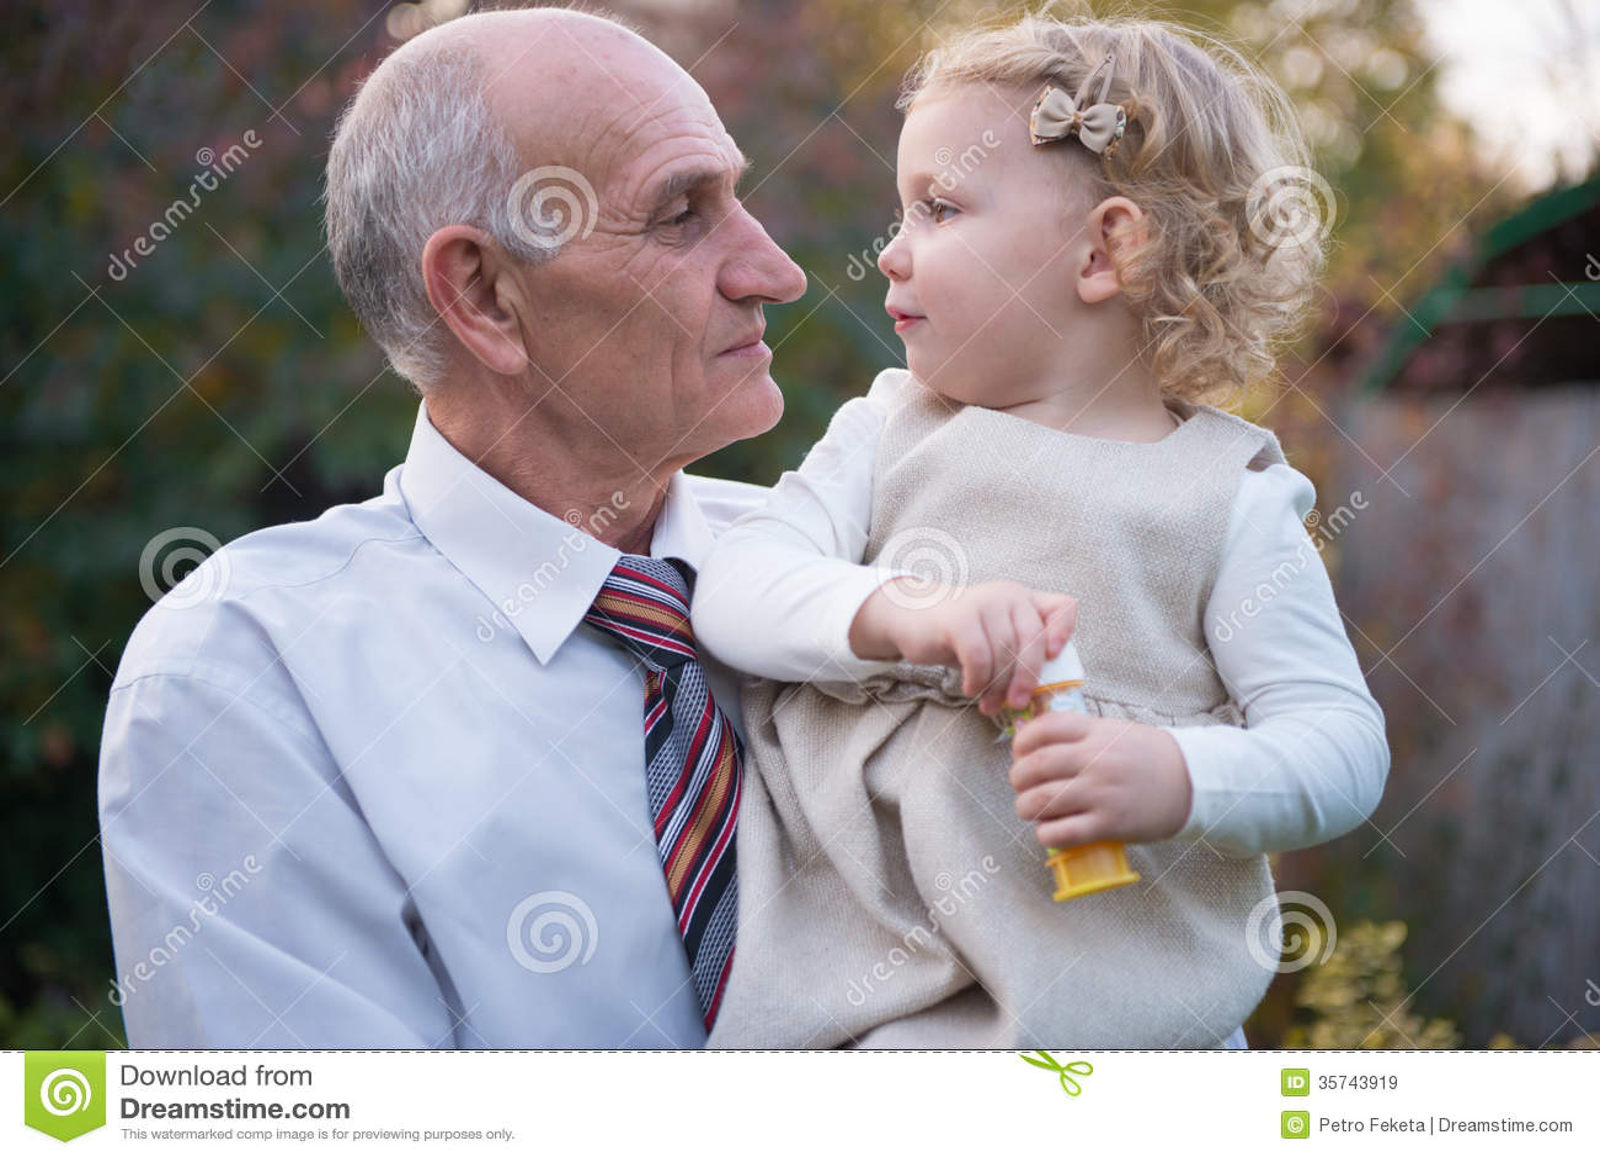 Смотреть дедушка с внучкой 11 фотография